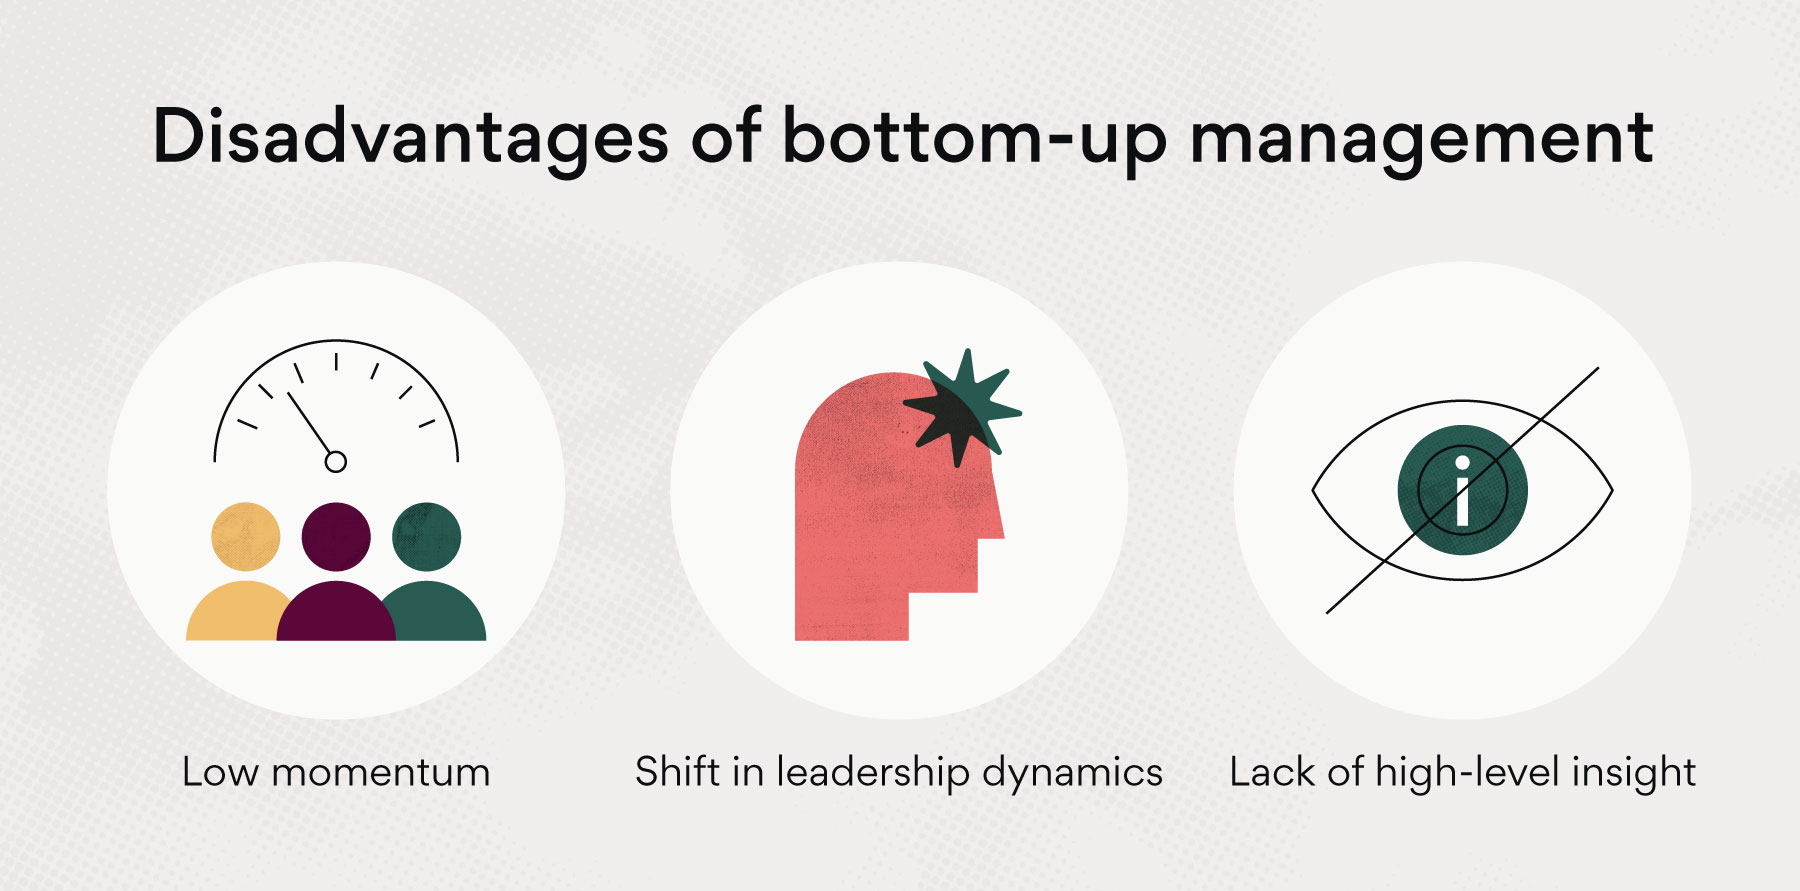 Disadvantages of bottom-up management